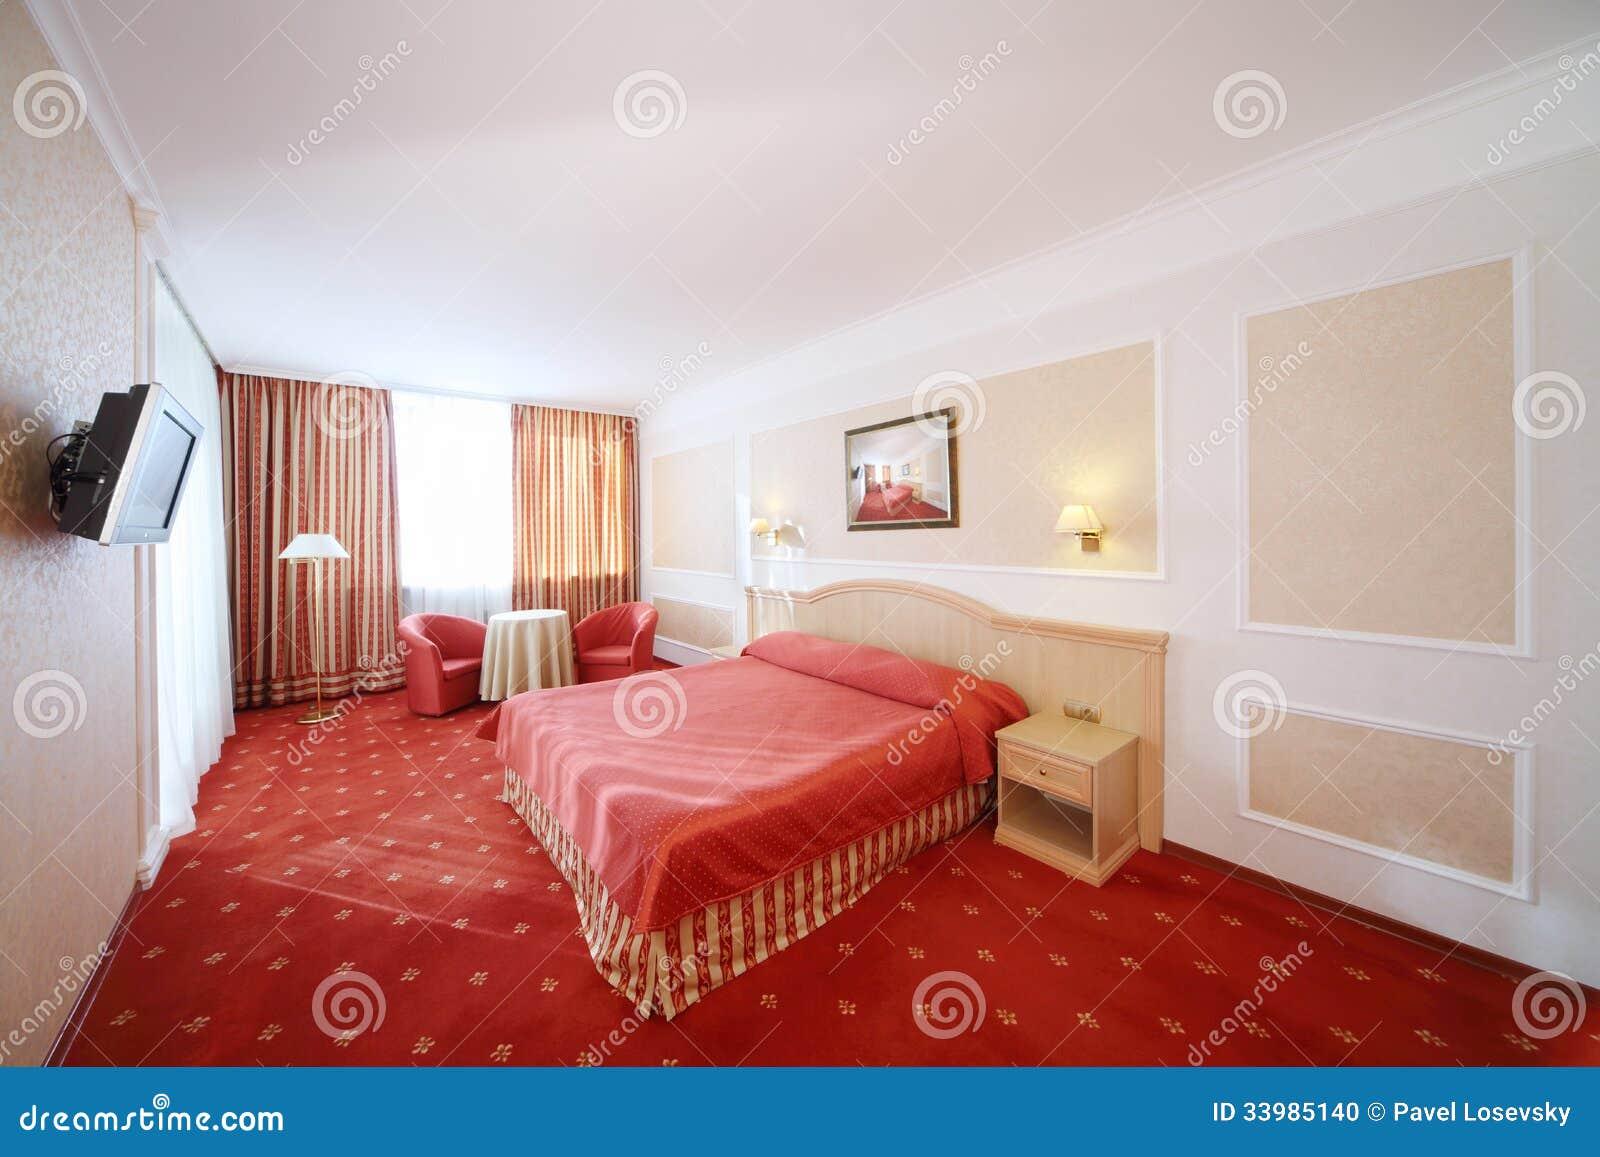 Schlafzimmer mit doppelbett mit rotem leinen rote lehnsessel deko ideen